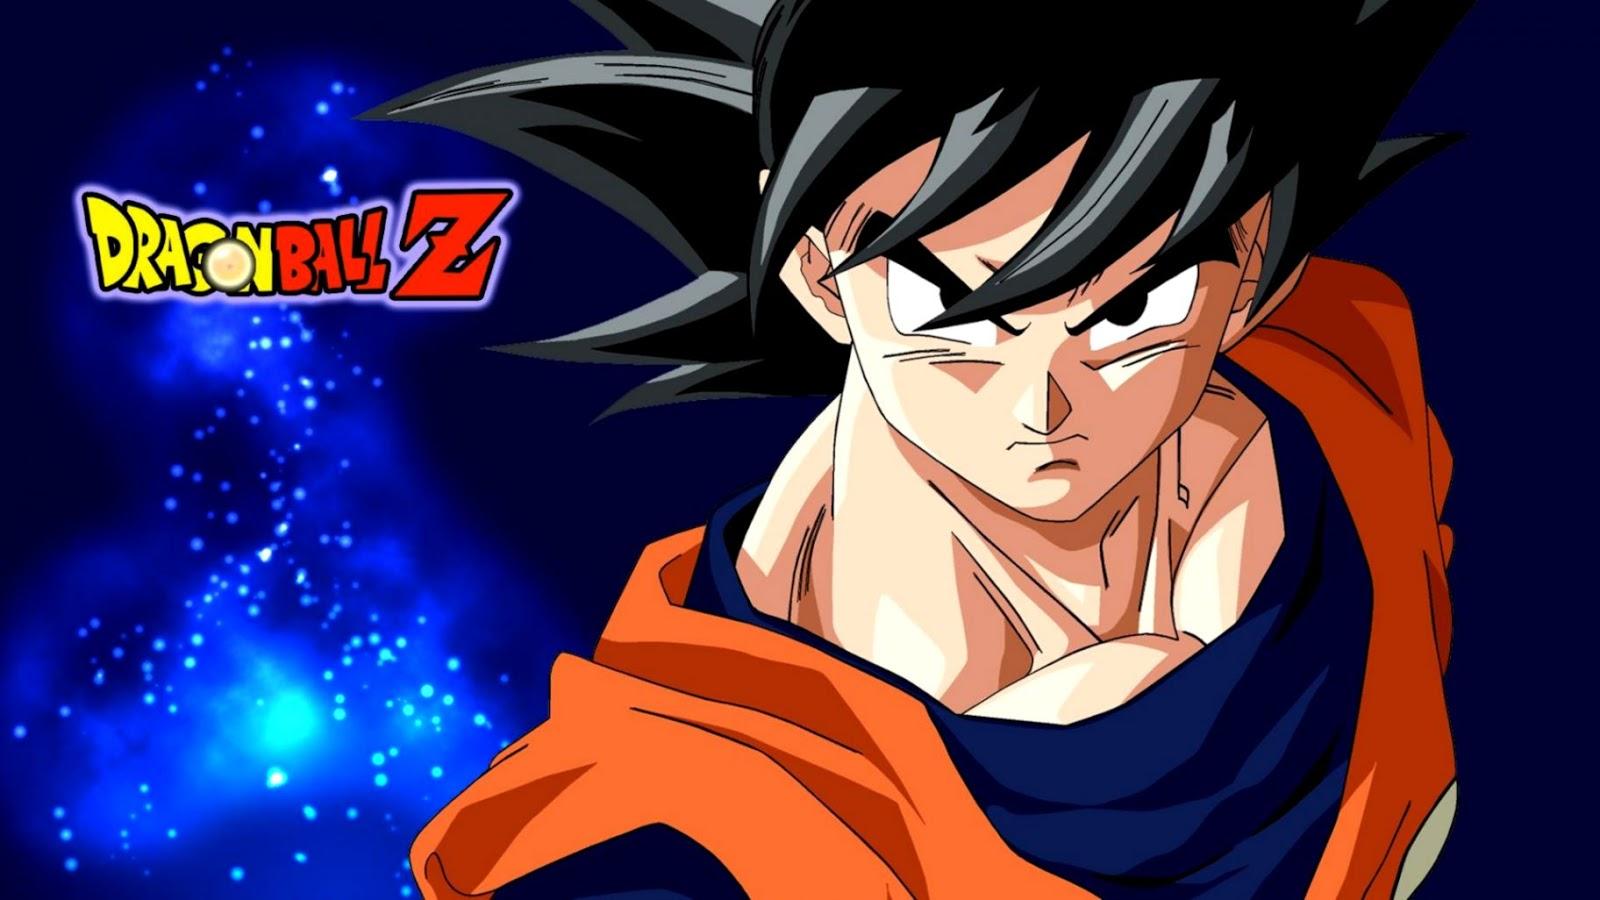 Son Goku Dragon Ball Z Wallpaper Wallpapers Warrior